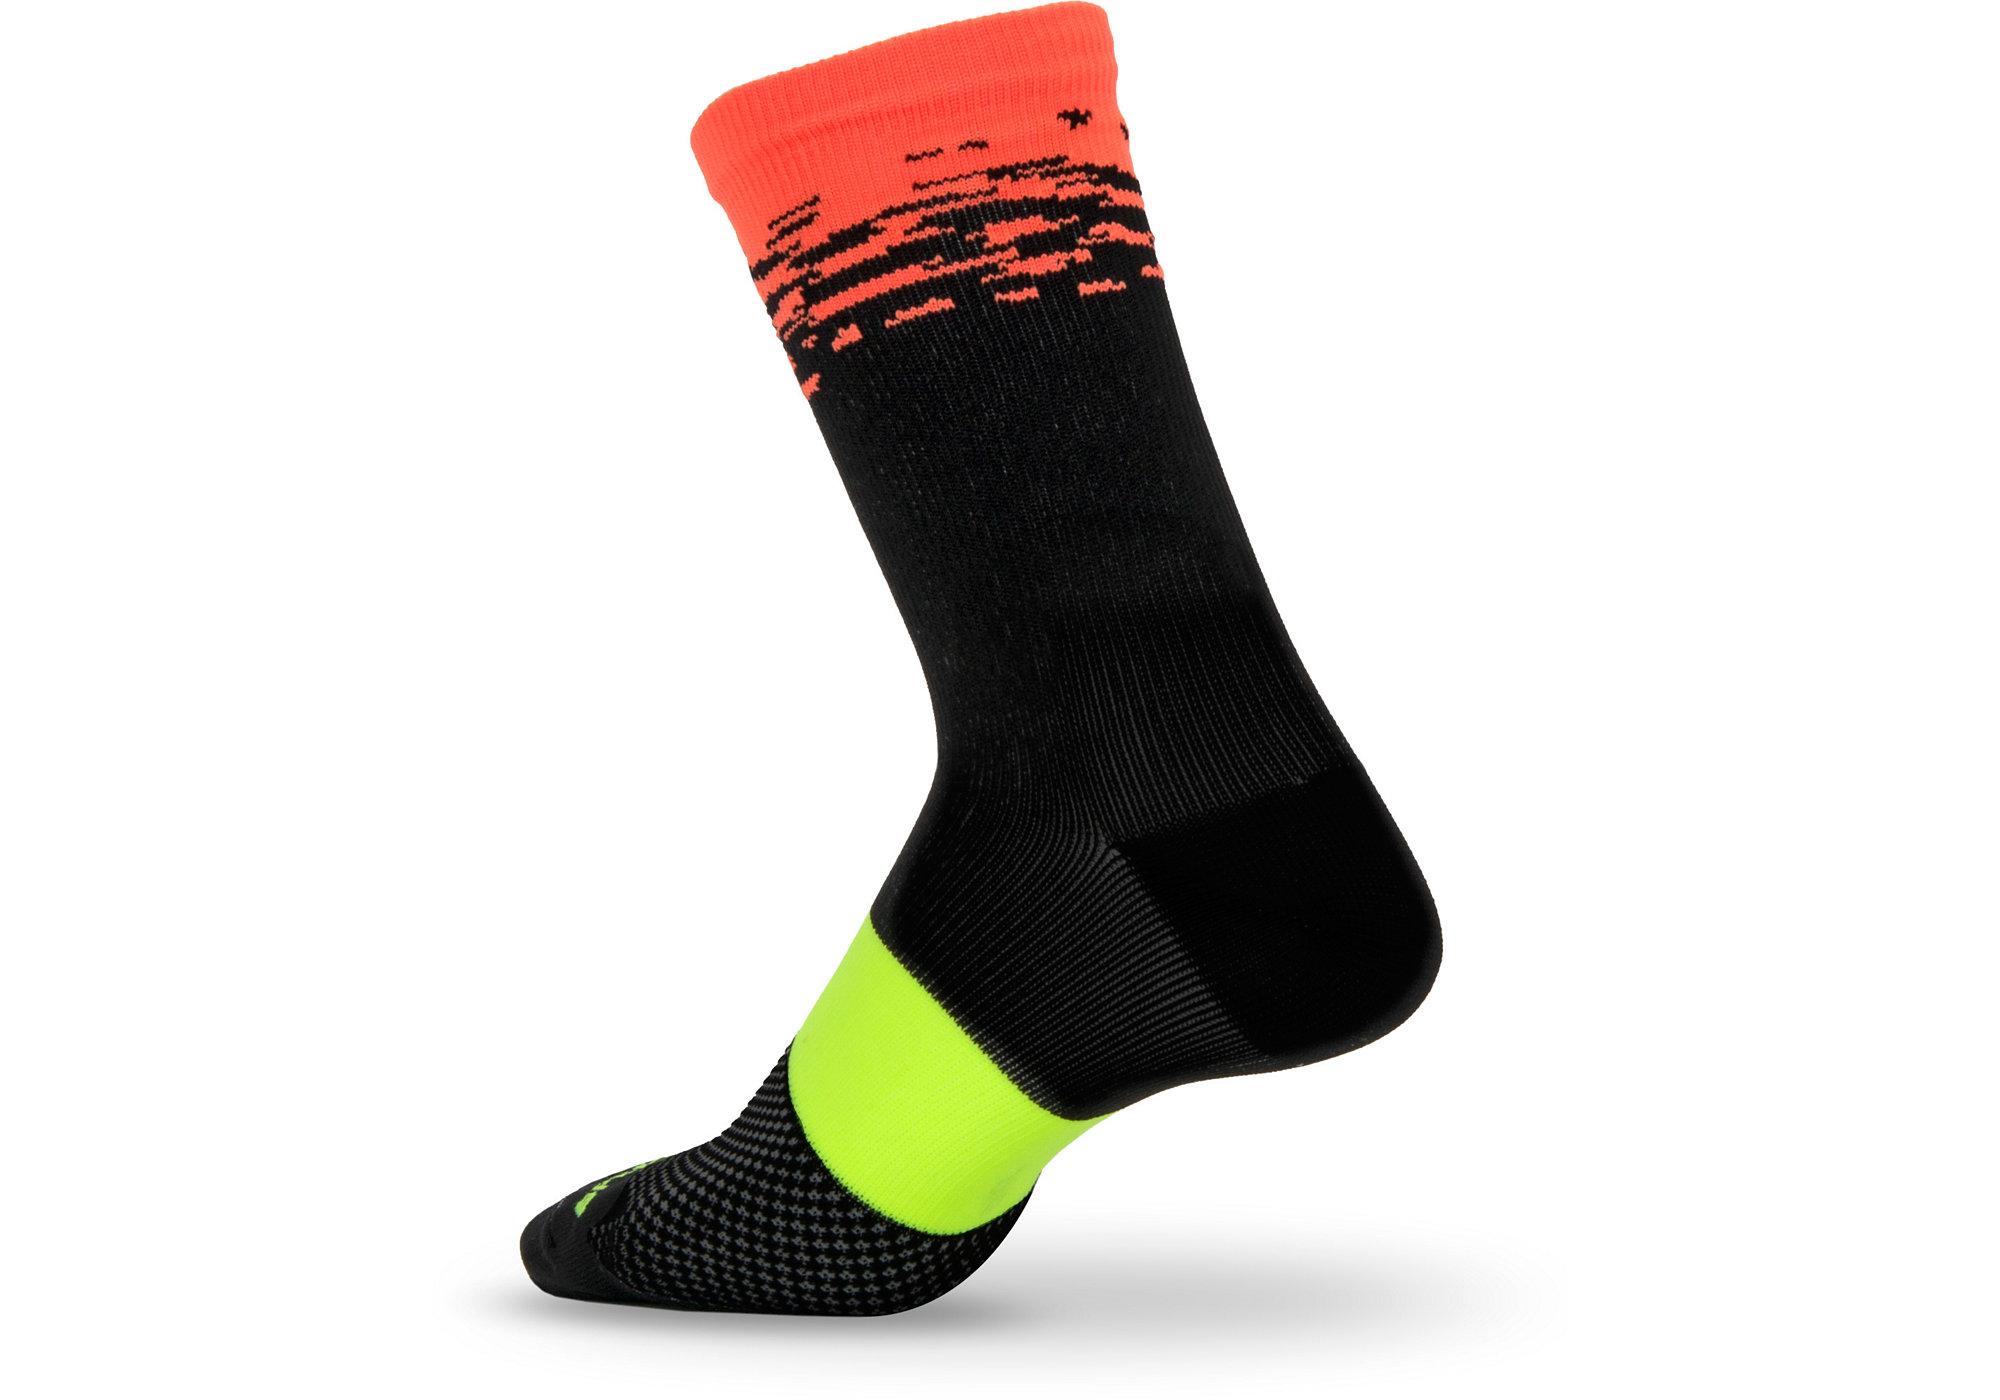 Sl Tall Socks Torch Edition